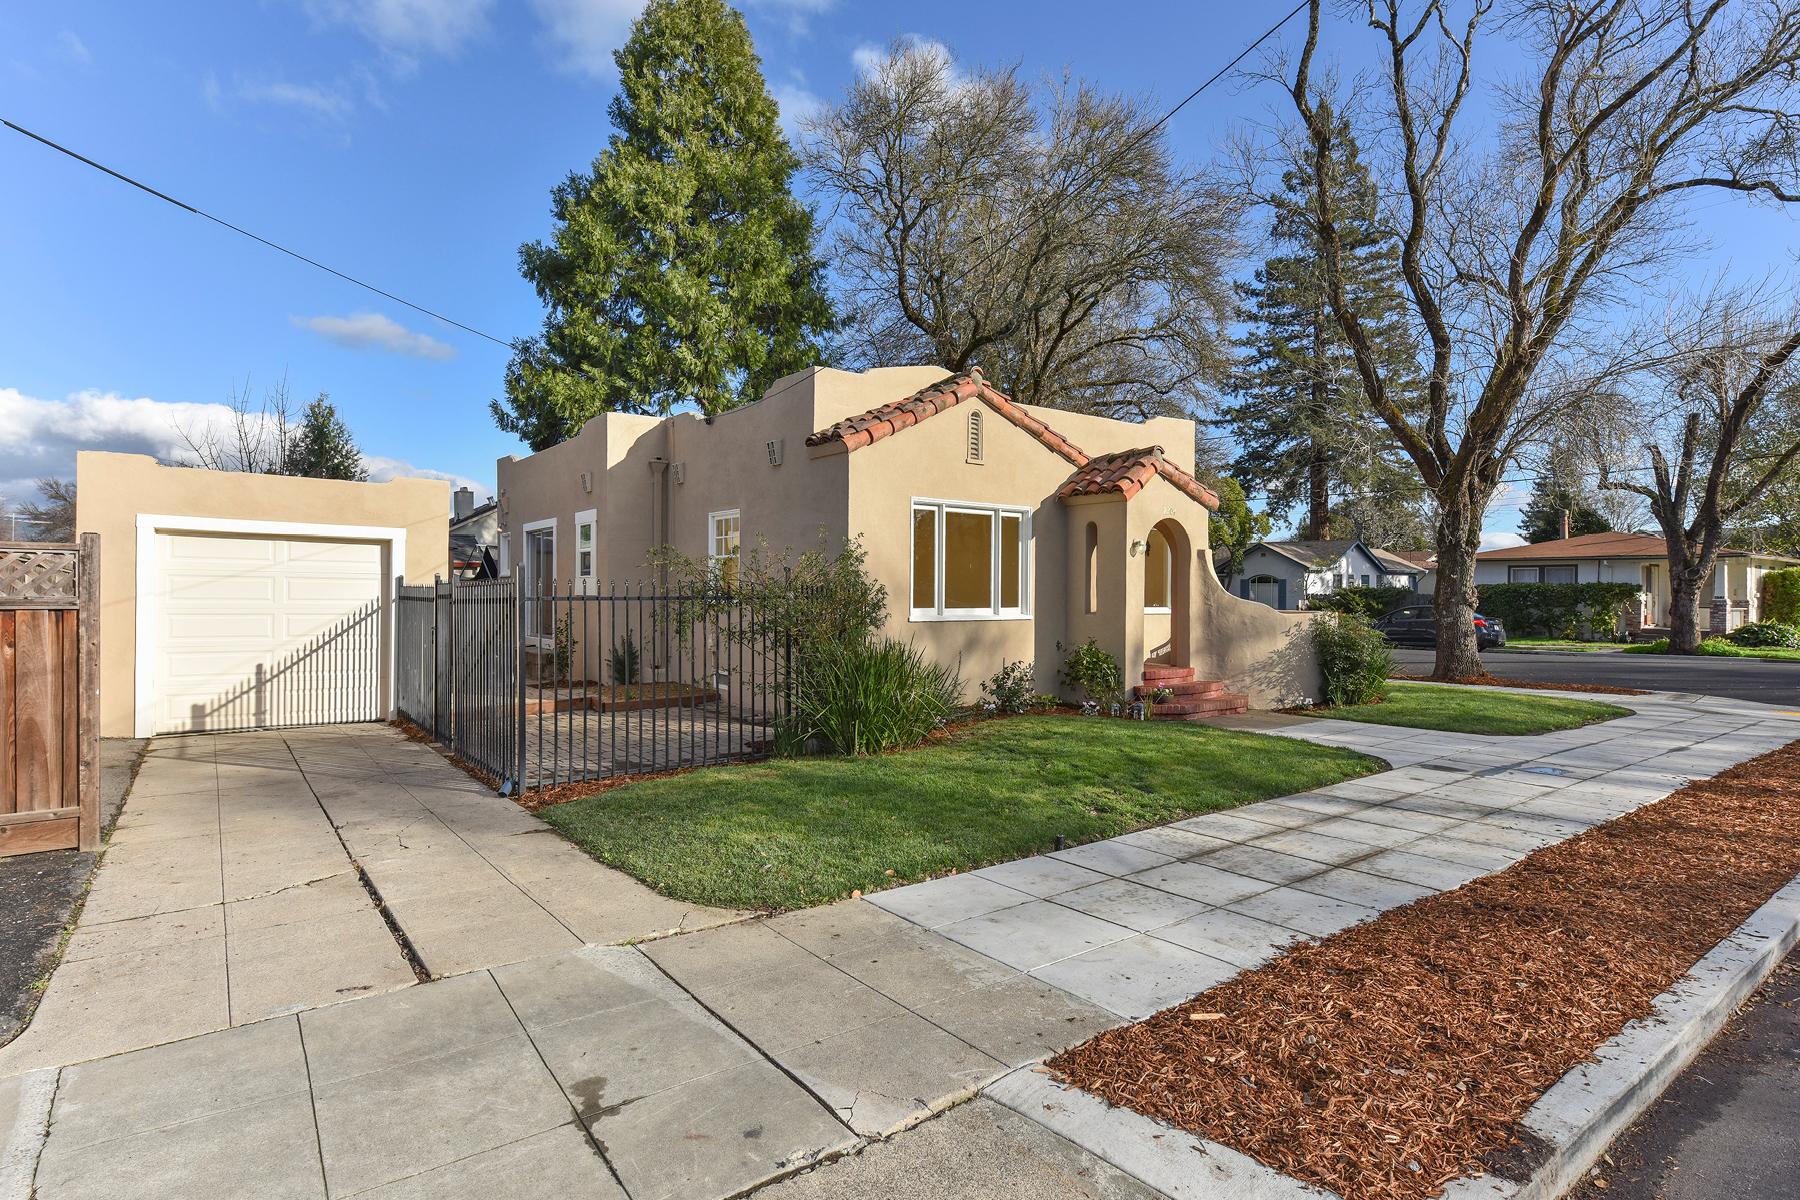 Casa Unifamiliar por un Venta en 2204 Spencer St, Napa, CA 94559 2204 Spencer St Napa, California 94559 Estados Unidos